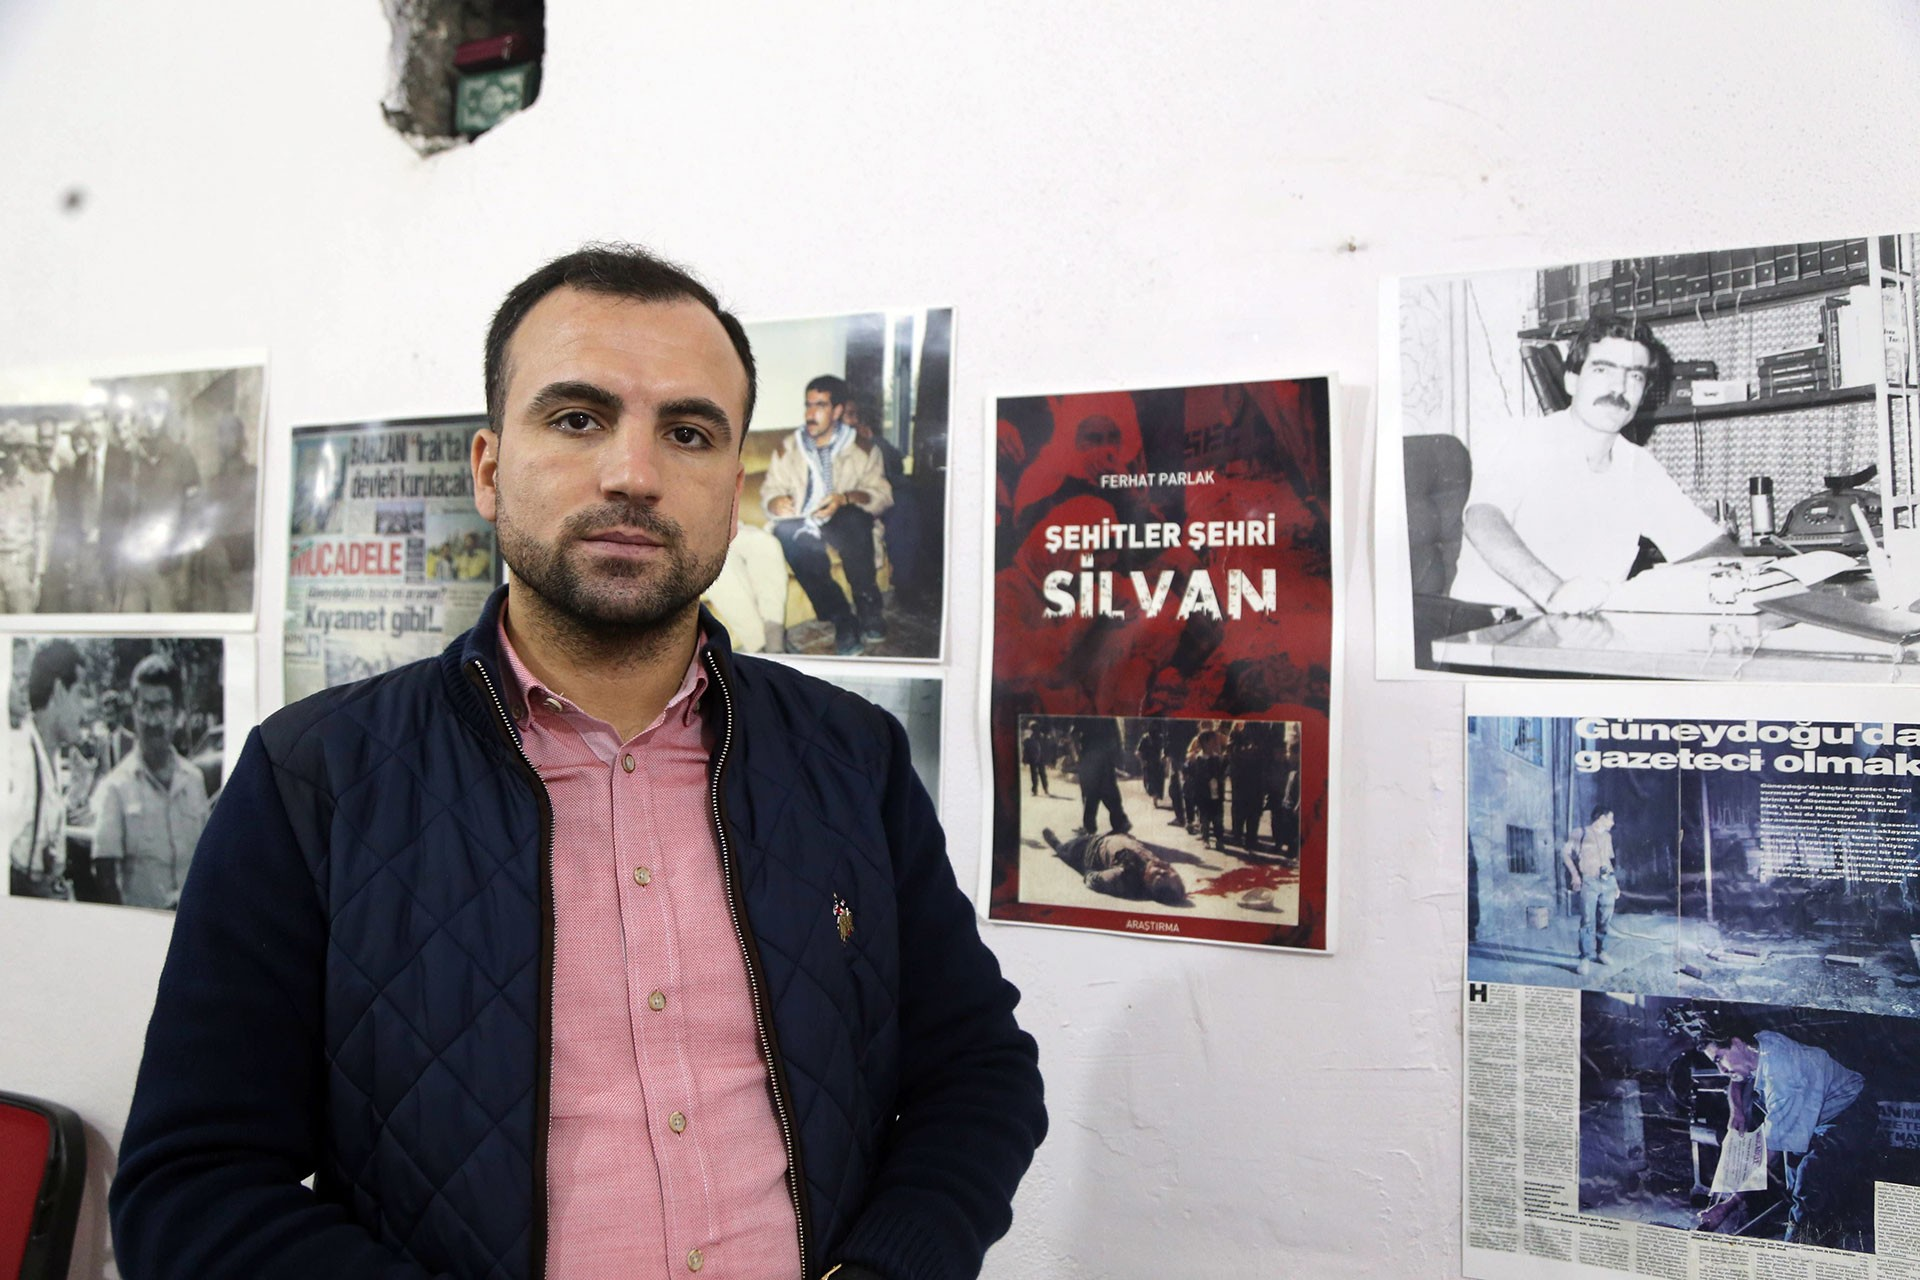 Gazeteci Parlak ilk duruşmada tahliye edildi